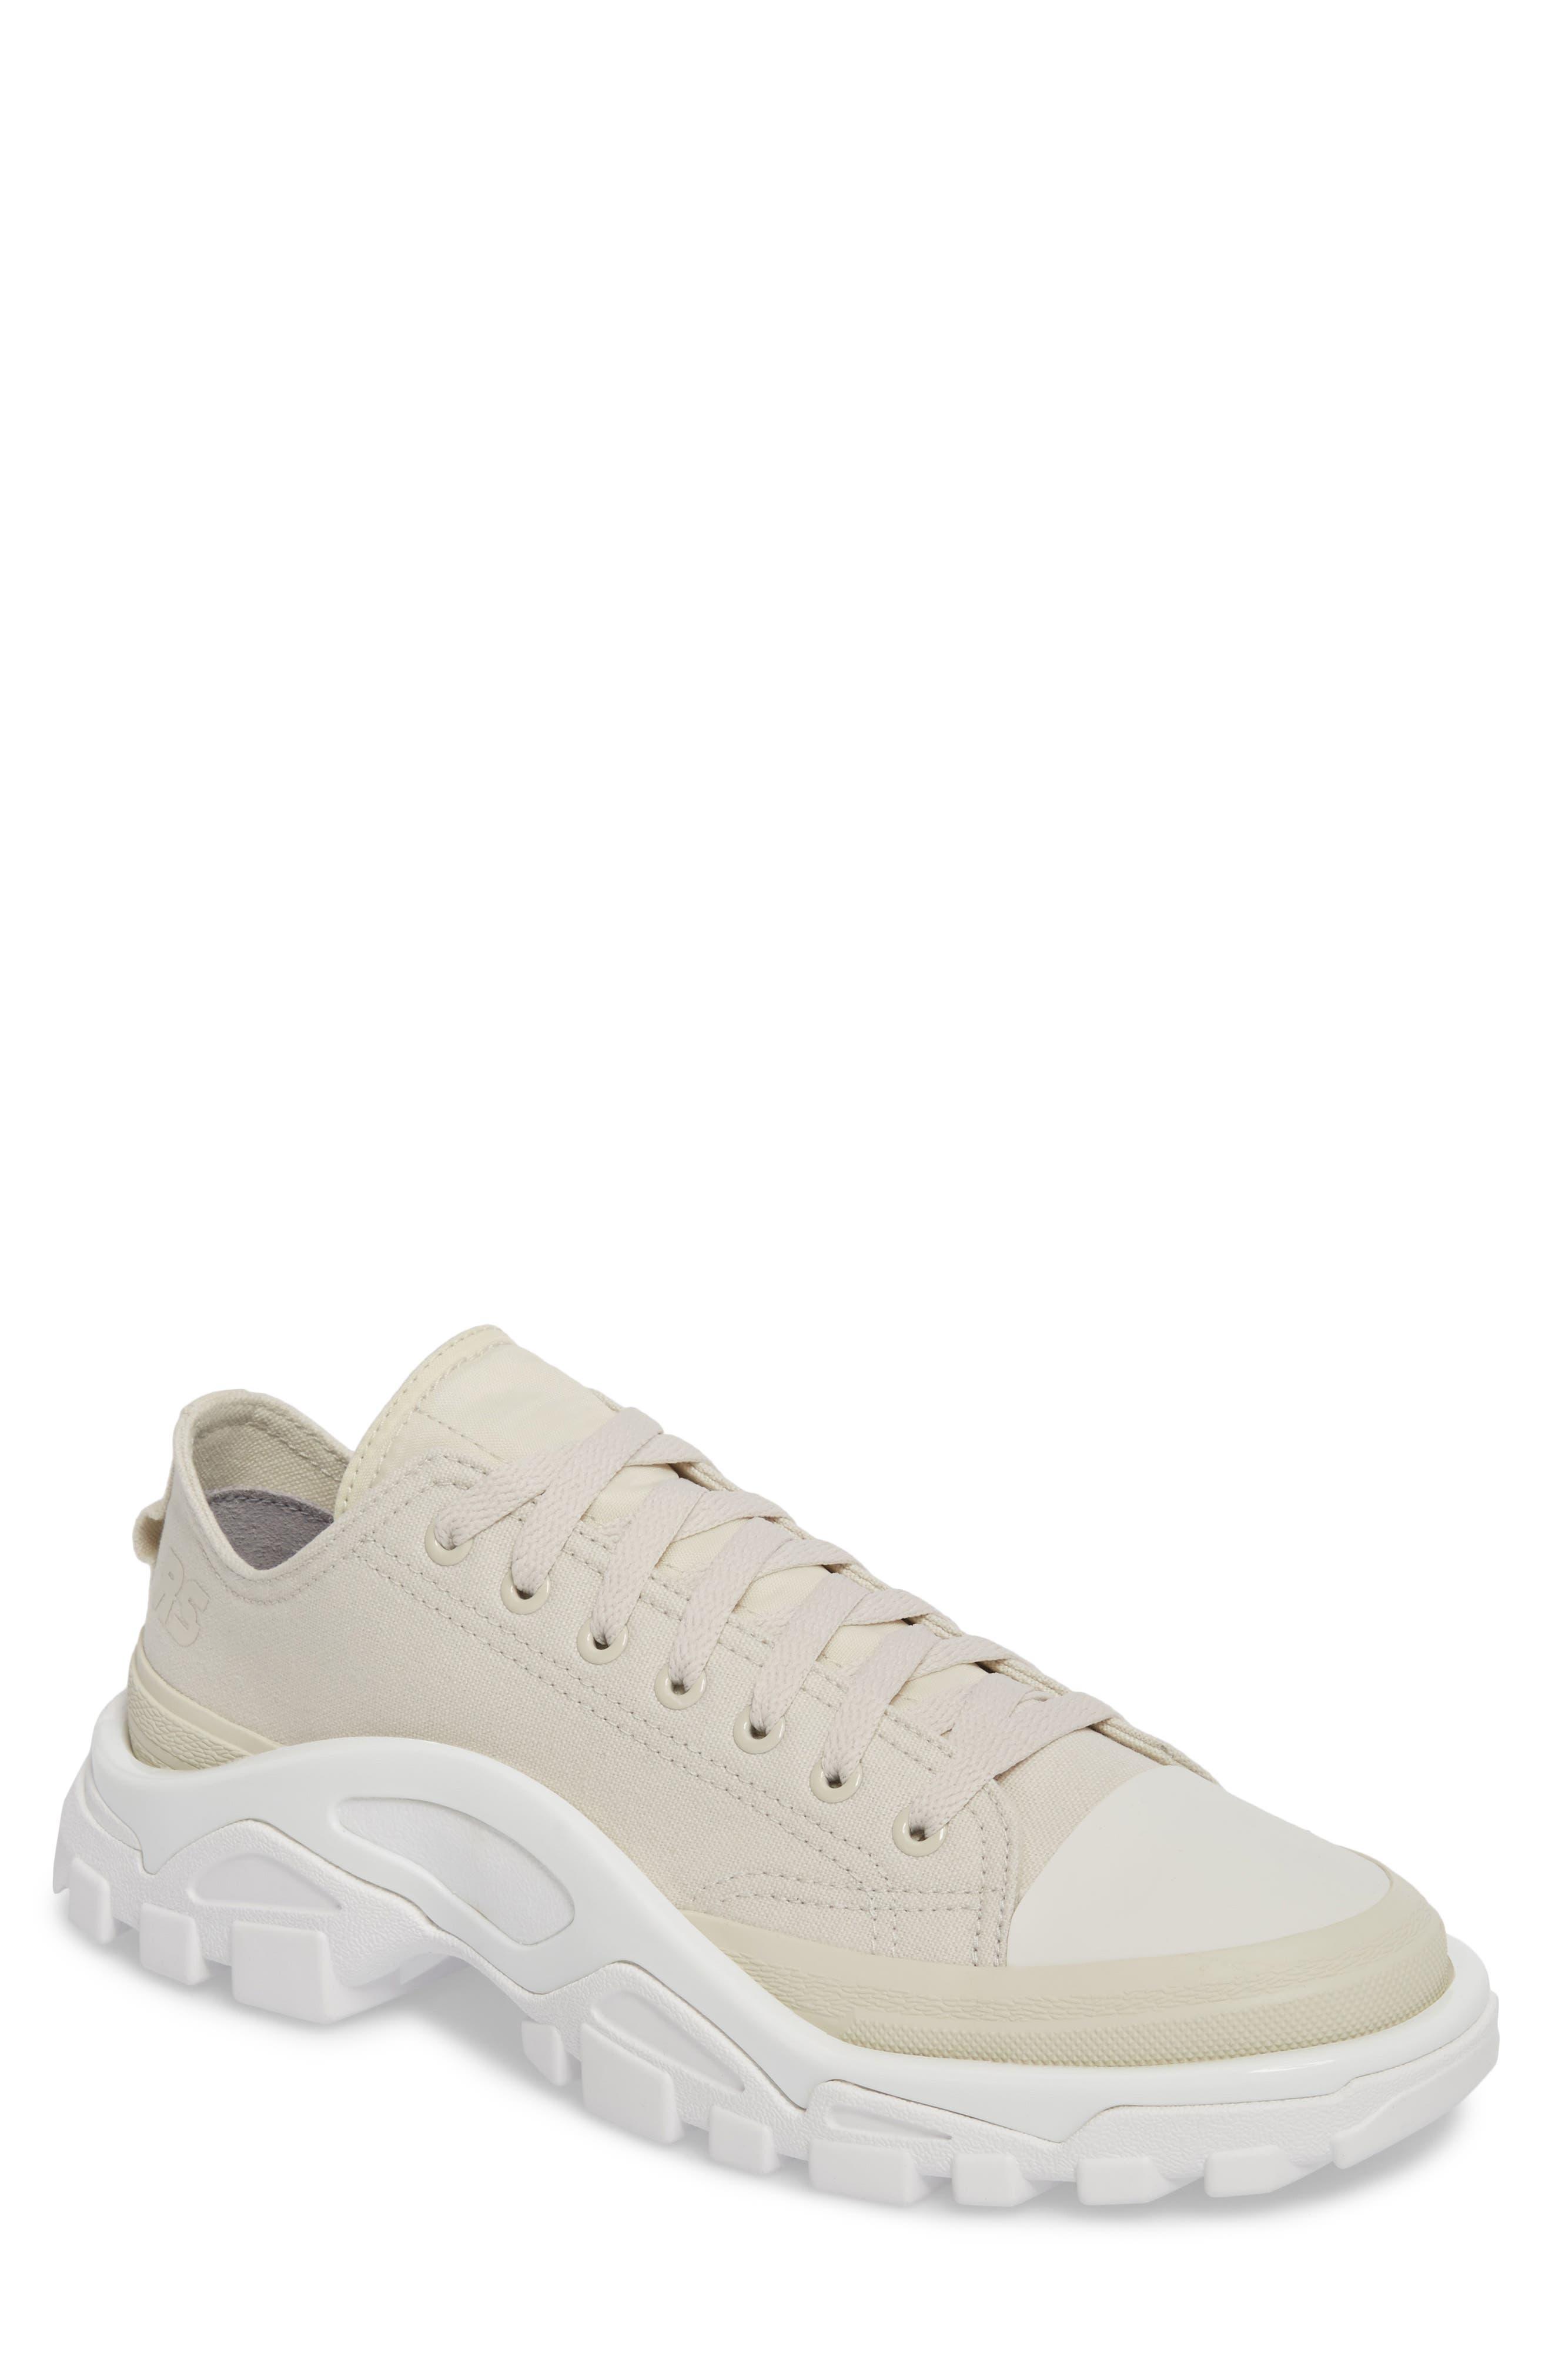 Detroit Low Top Sneaker,                             Main thumbnail 1, color,                             Beige/ White